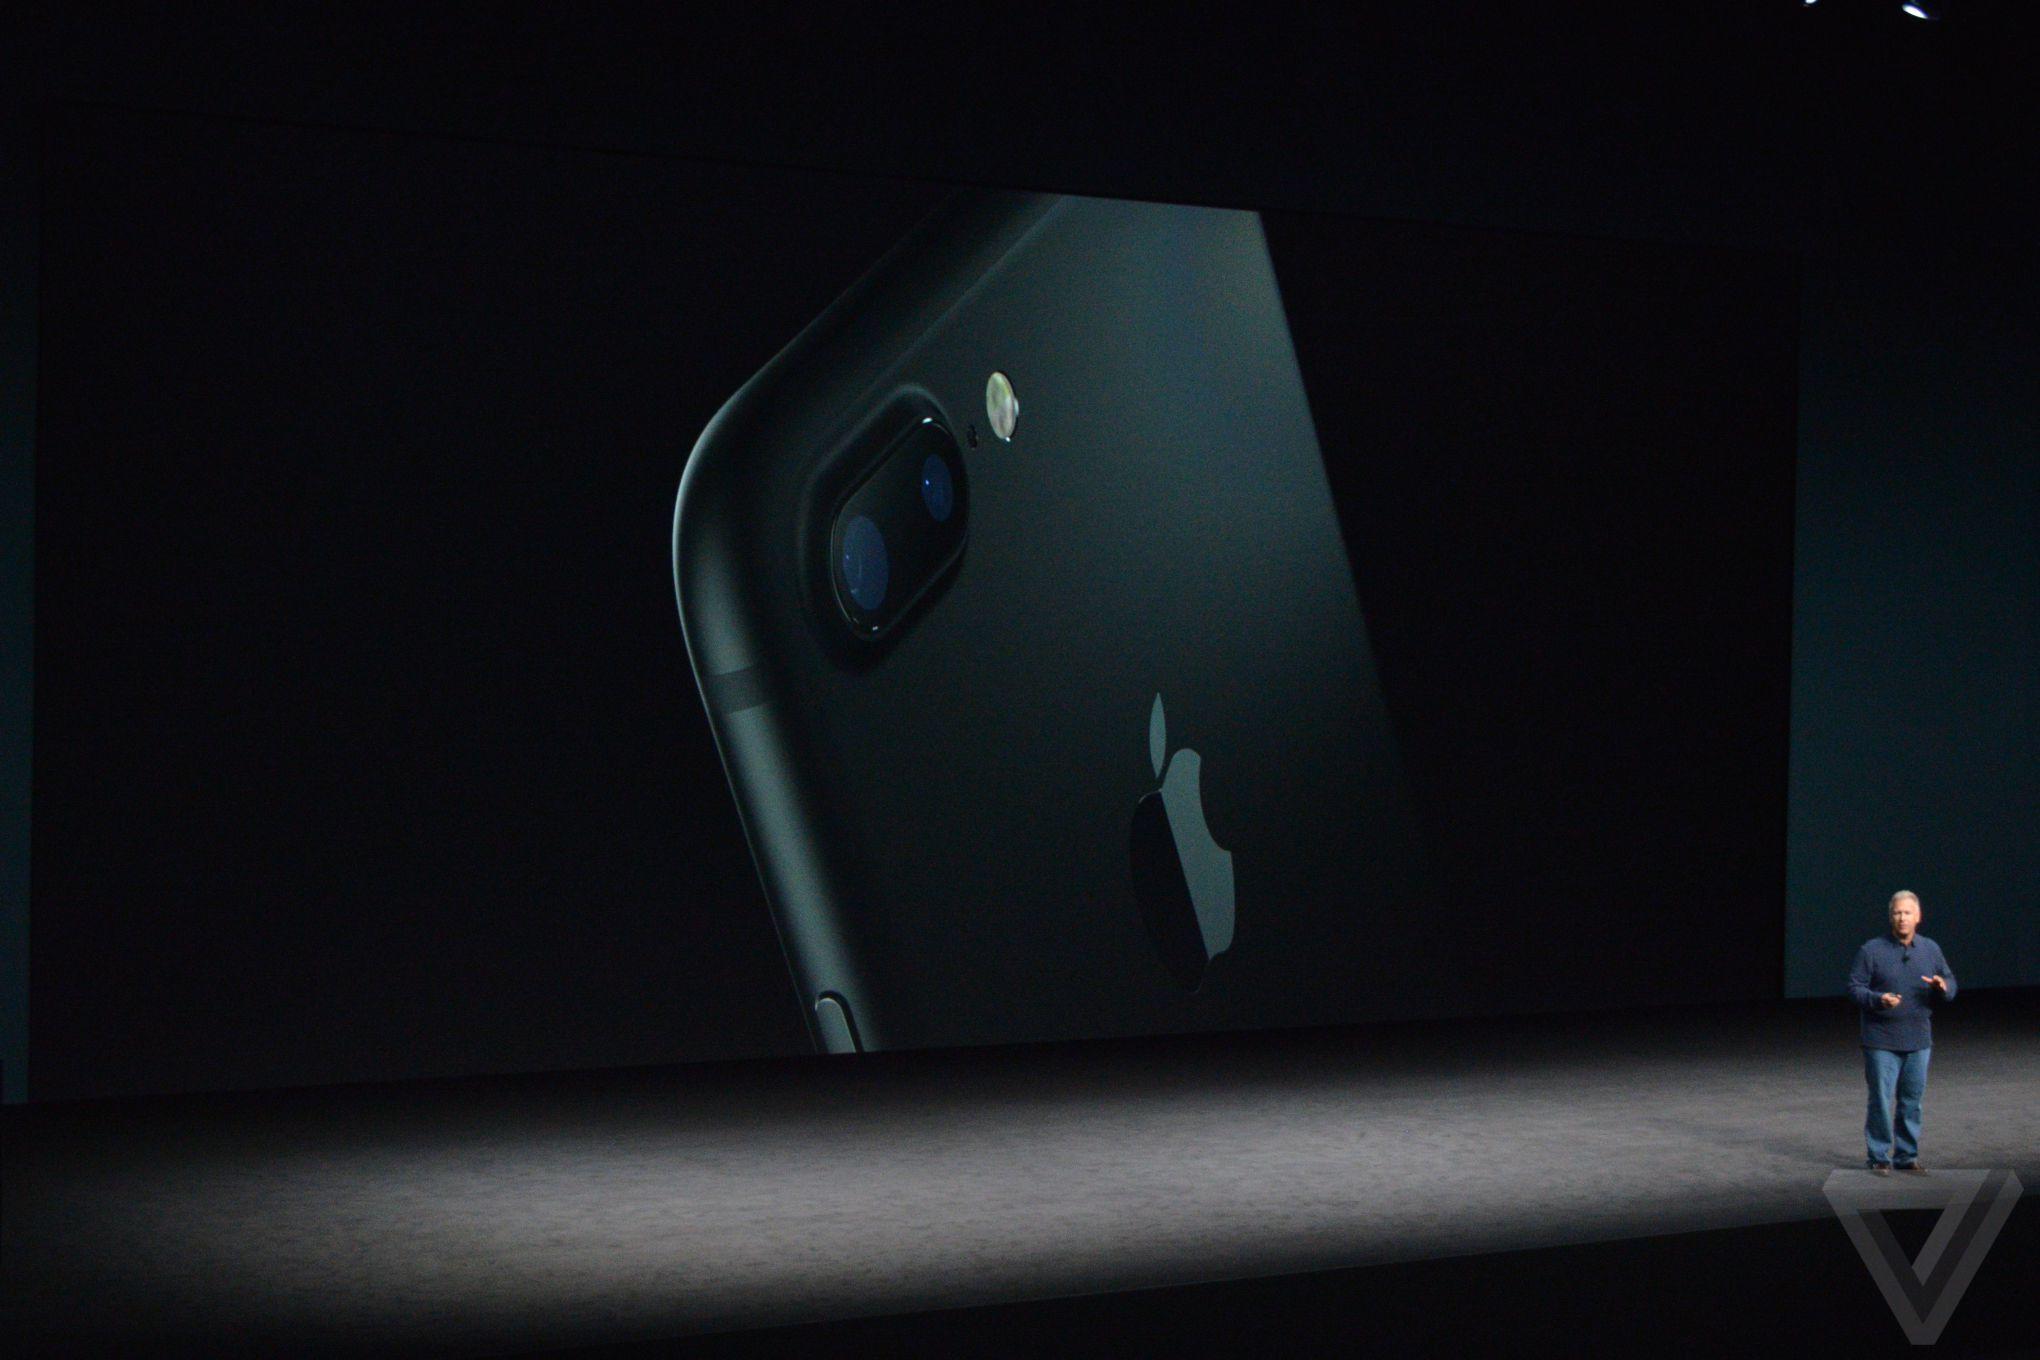 sihirli-elma-apple-etkinlik-300008.JPG